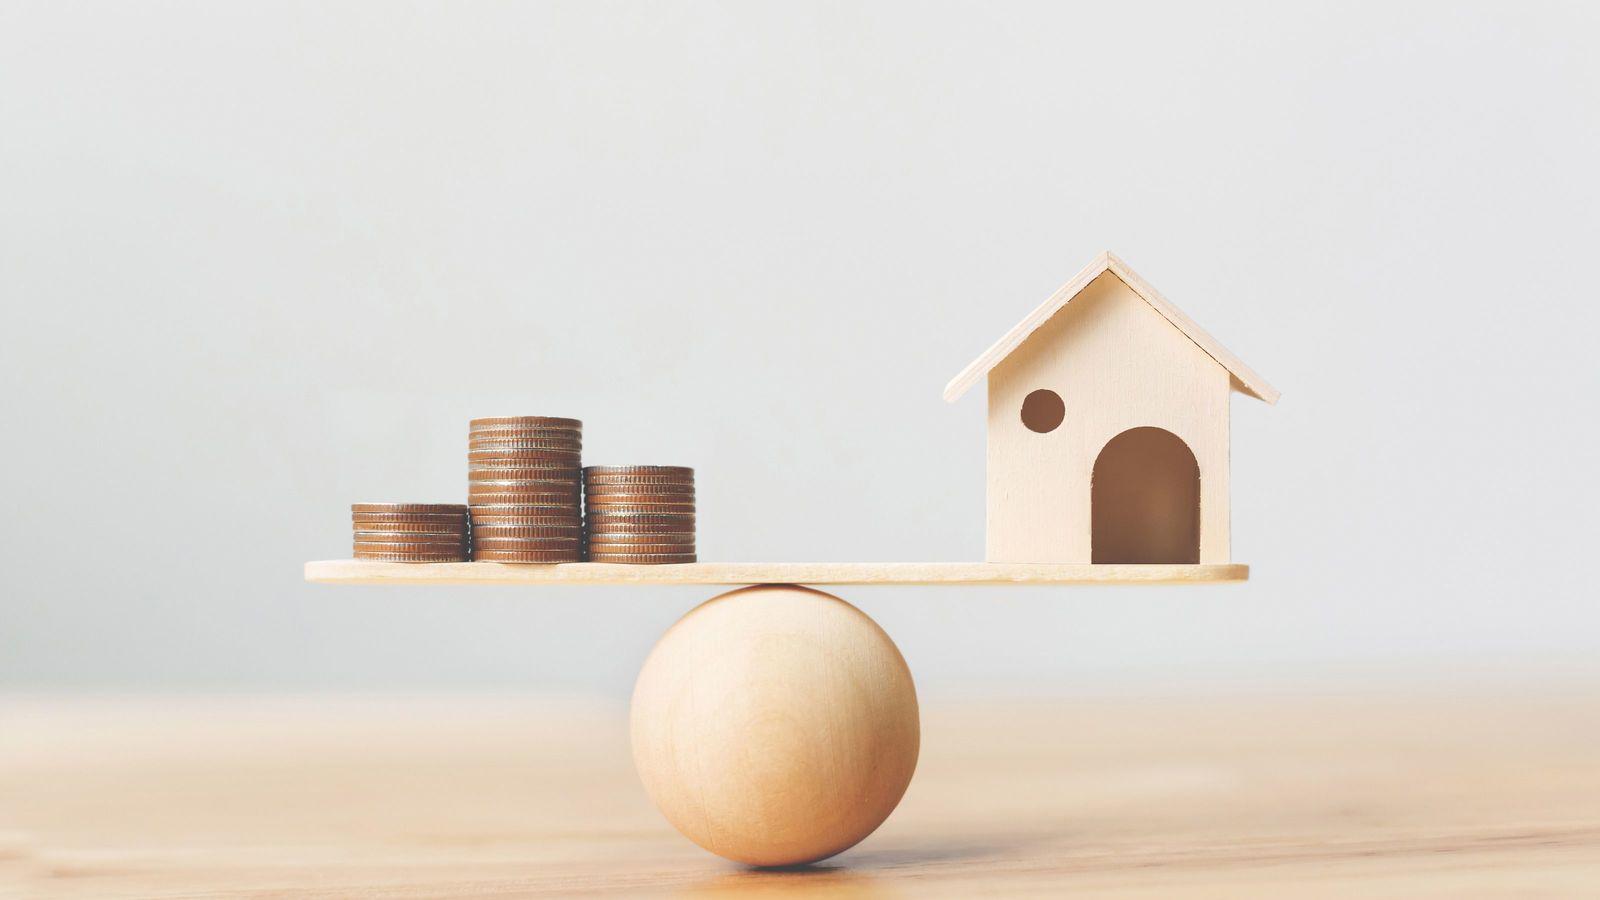 大変です!住宅ローン、変動金利の人は「今すぐ」固定金利に変えろ 史上最低水準金利でもこの先ヤバイ